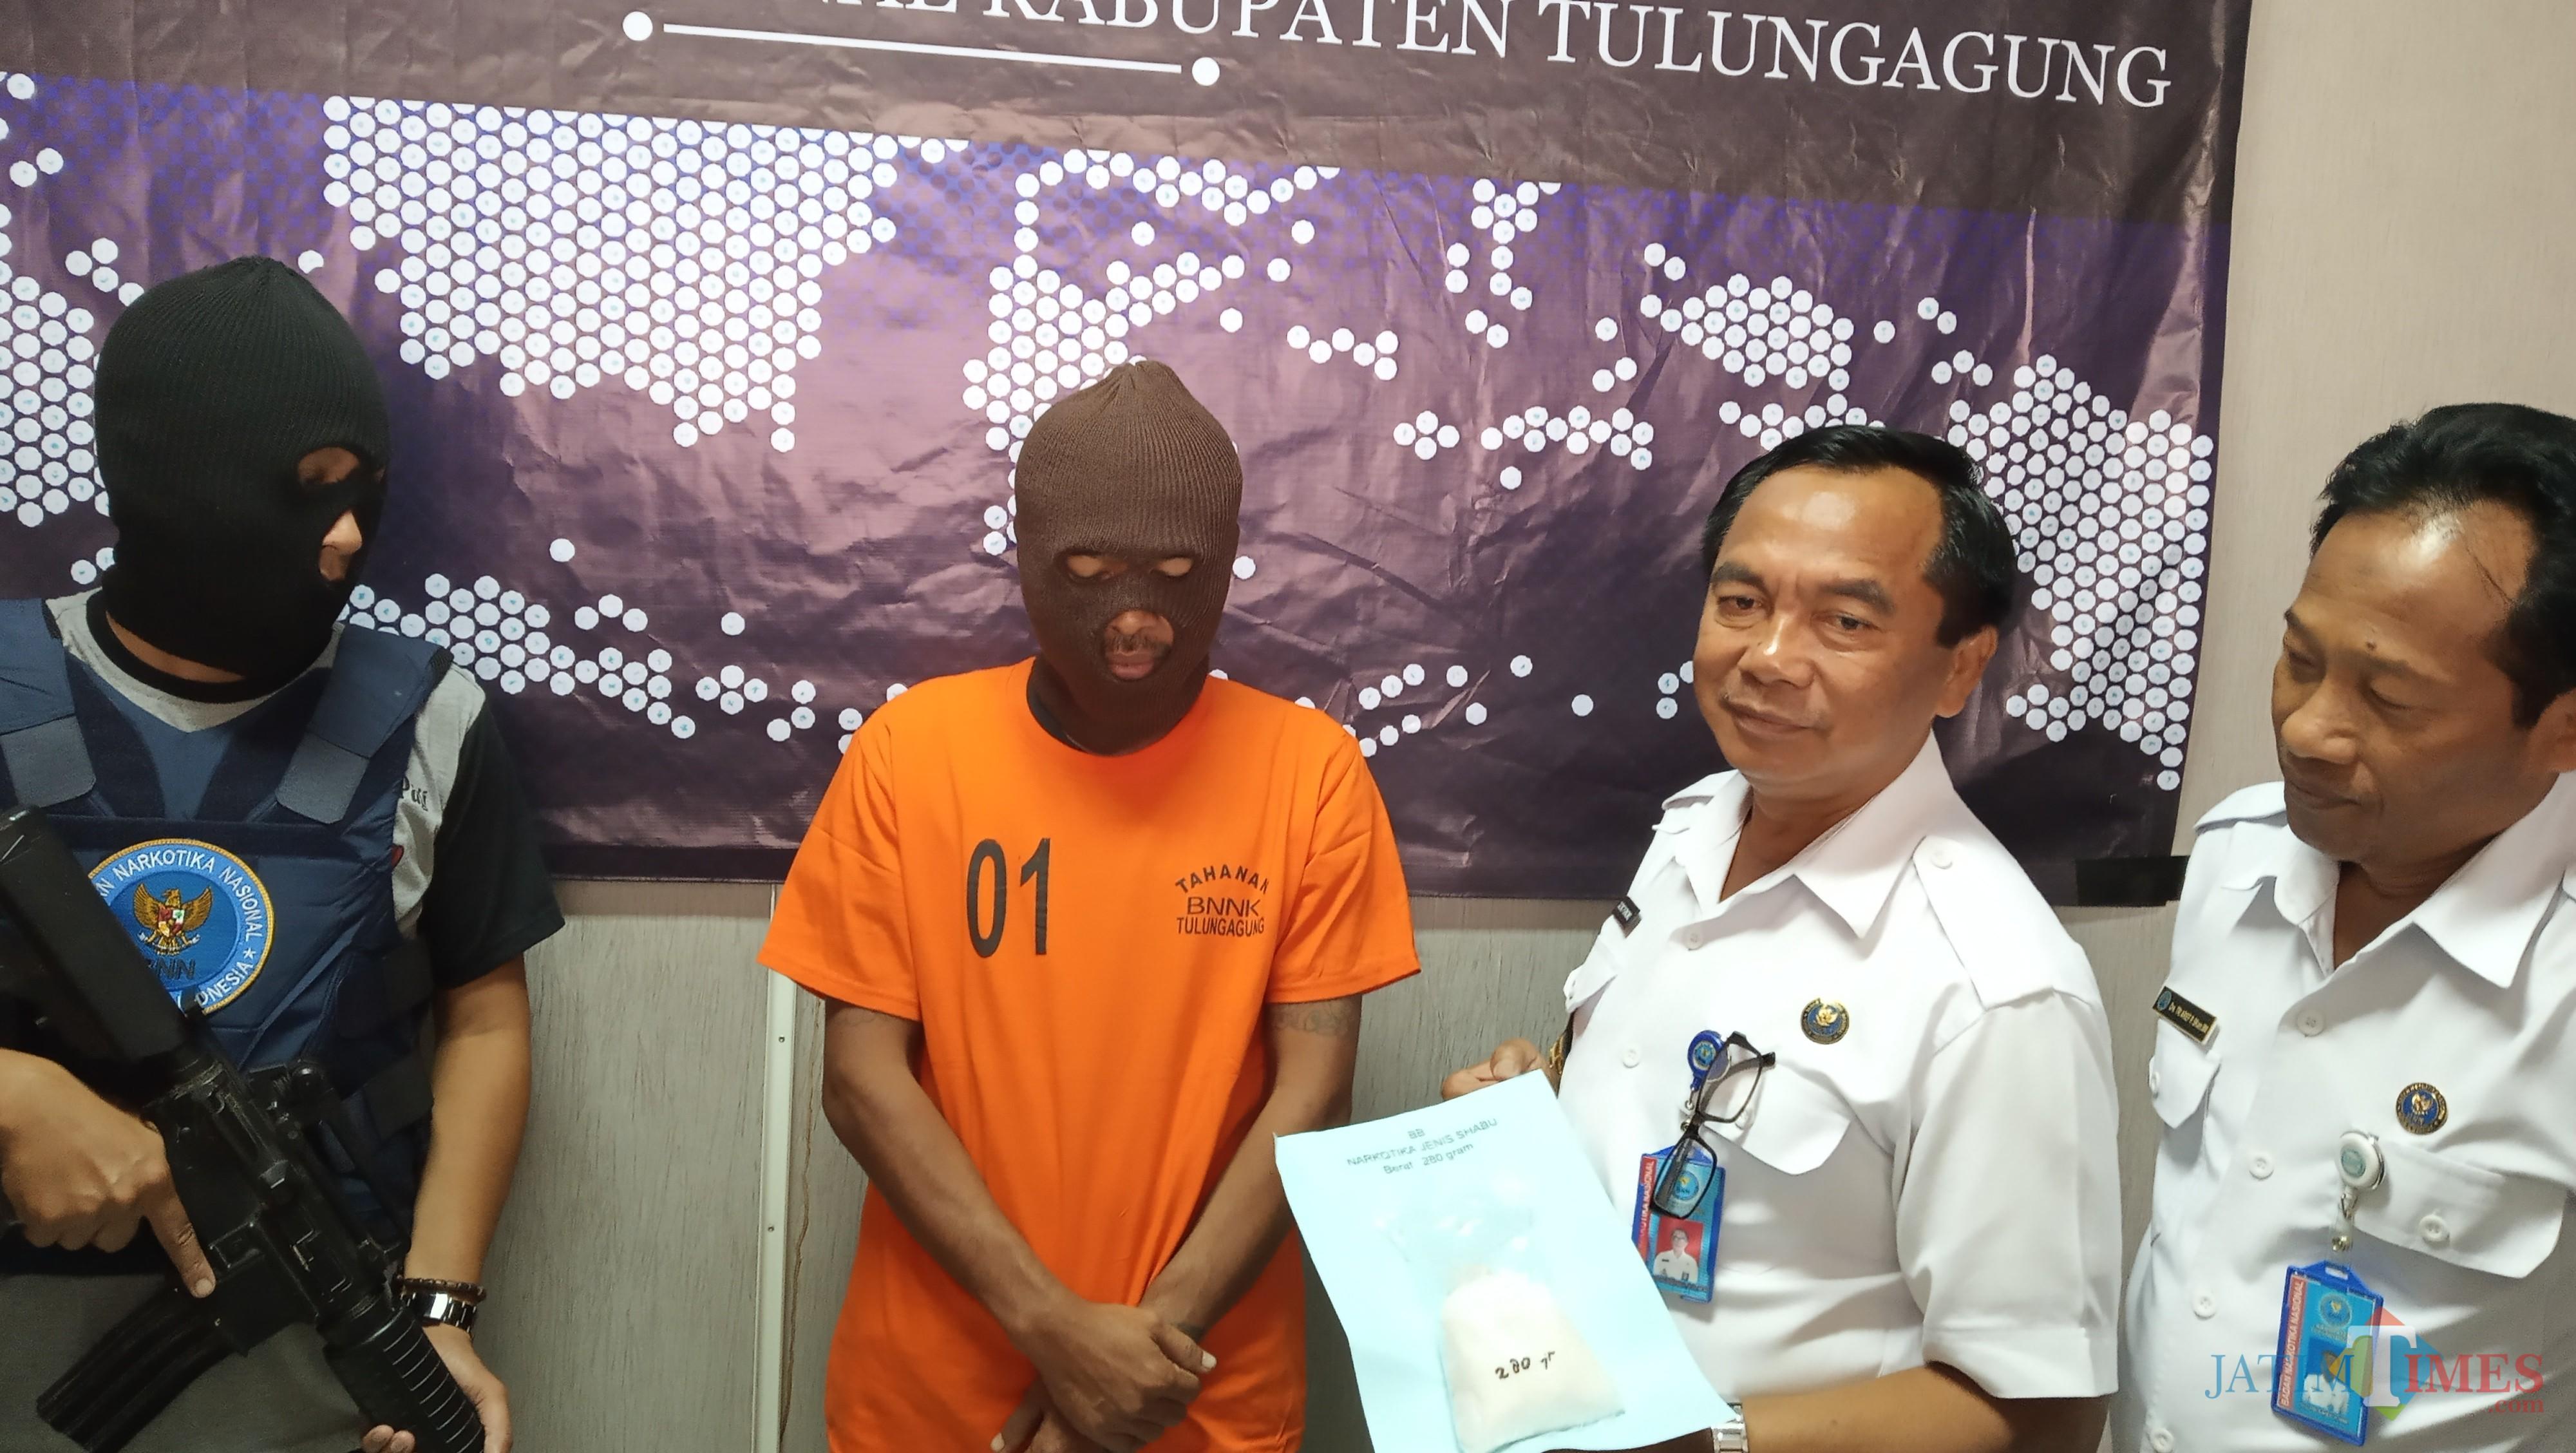 Kepala BNNK Tulungagung,  AKBP Djoko Purnomo saat bertanya pada AWAL tentang asal orang yang menyuruhnya mengirim shabu ke Tulungagung (foto:  Joko Pramono/Jatim Times)